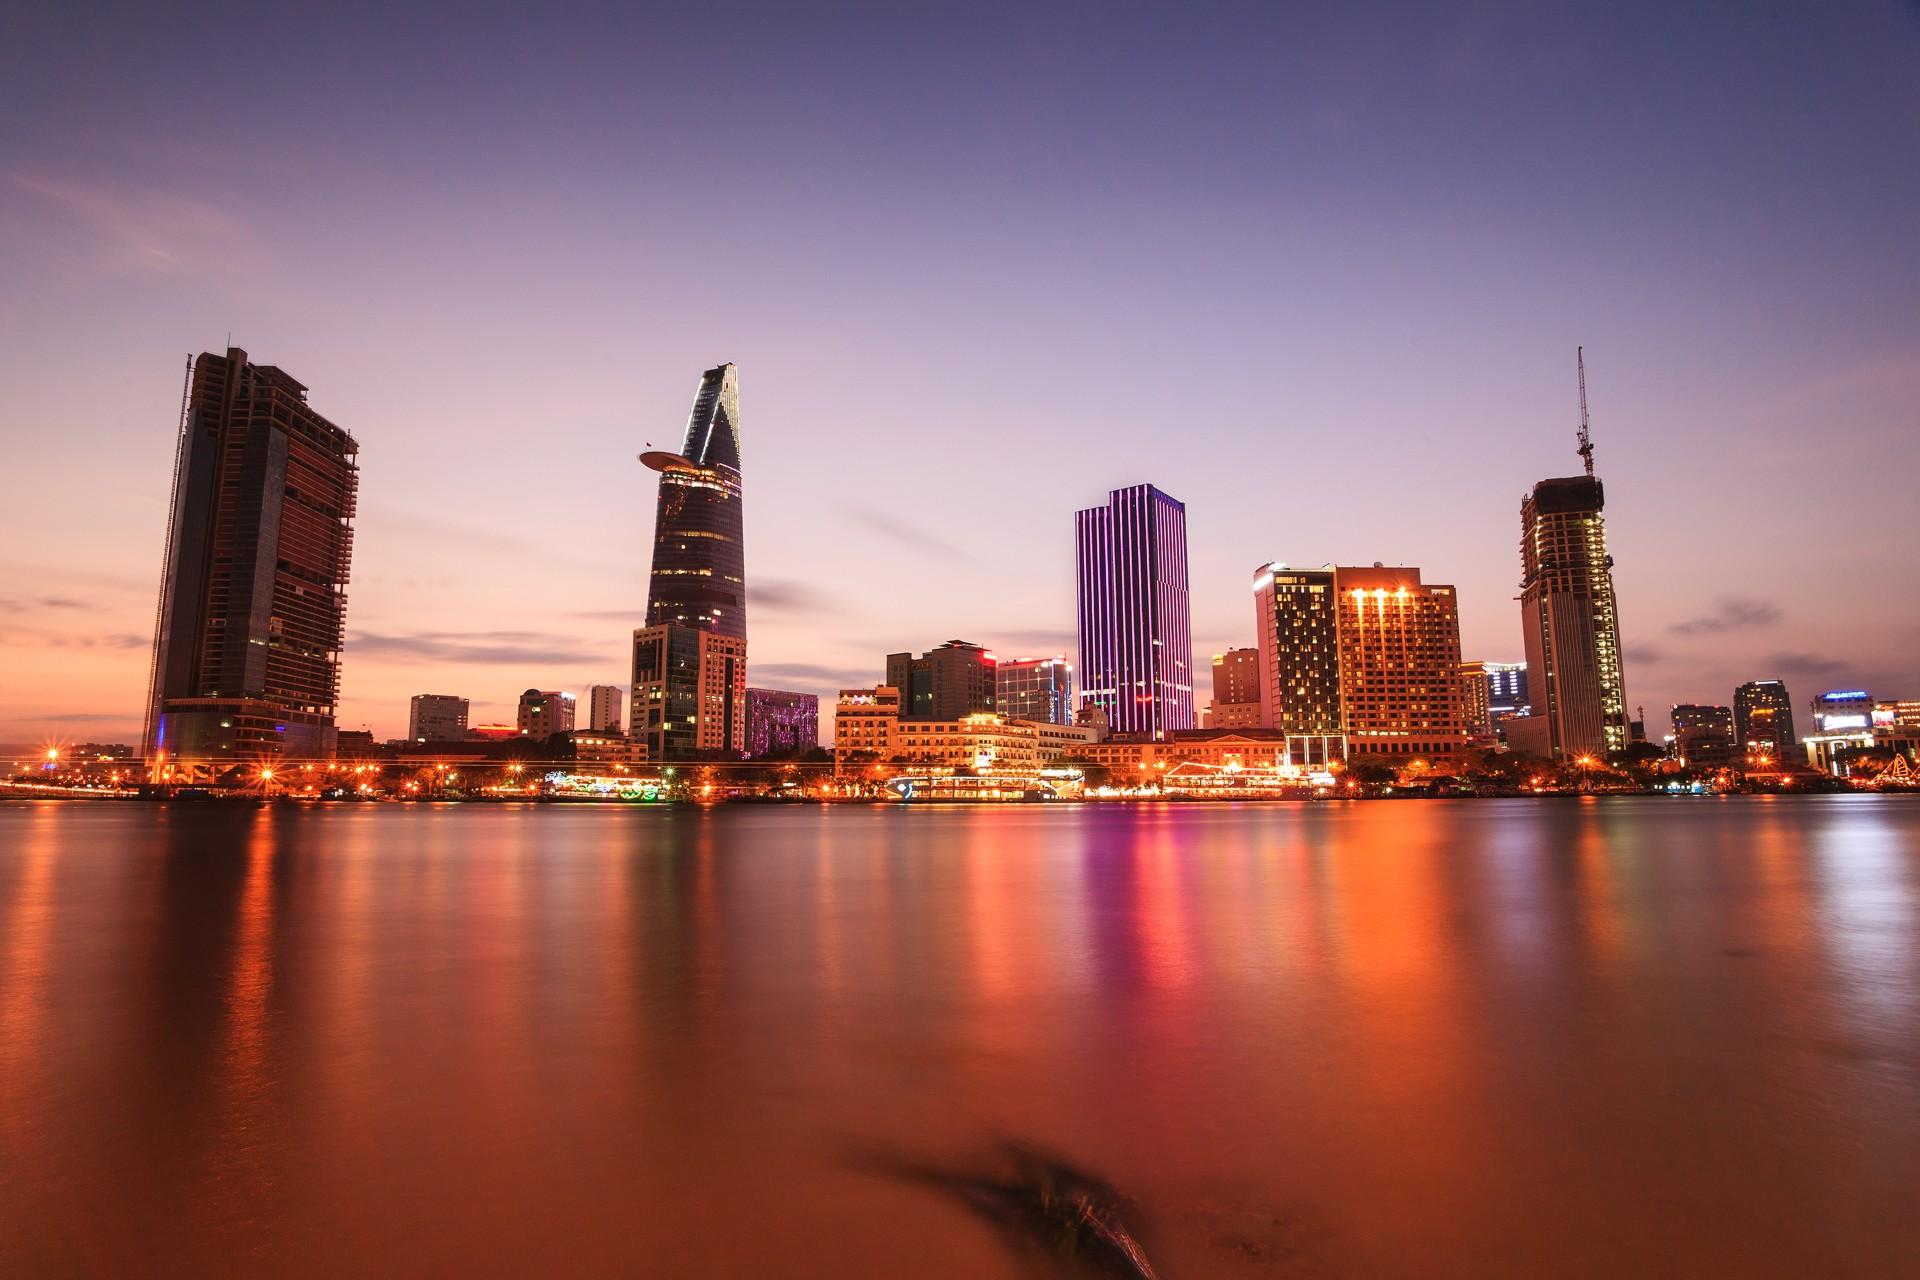 tải ảnh cảnh đẹp Việt Nam